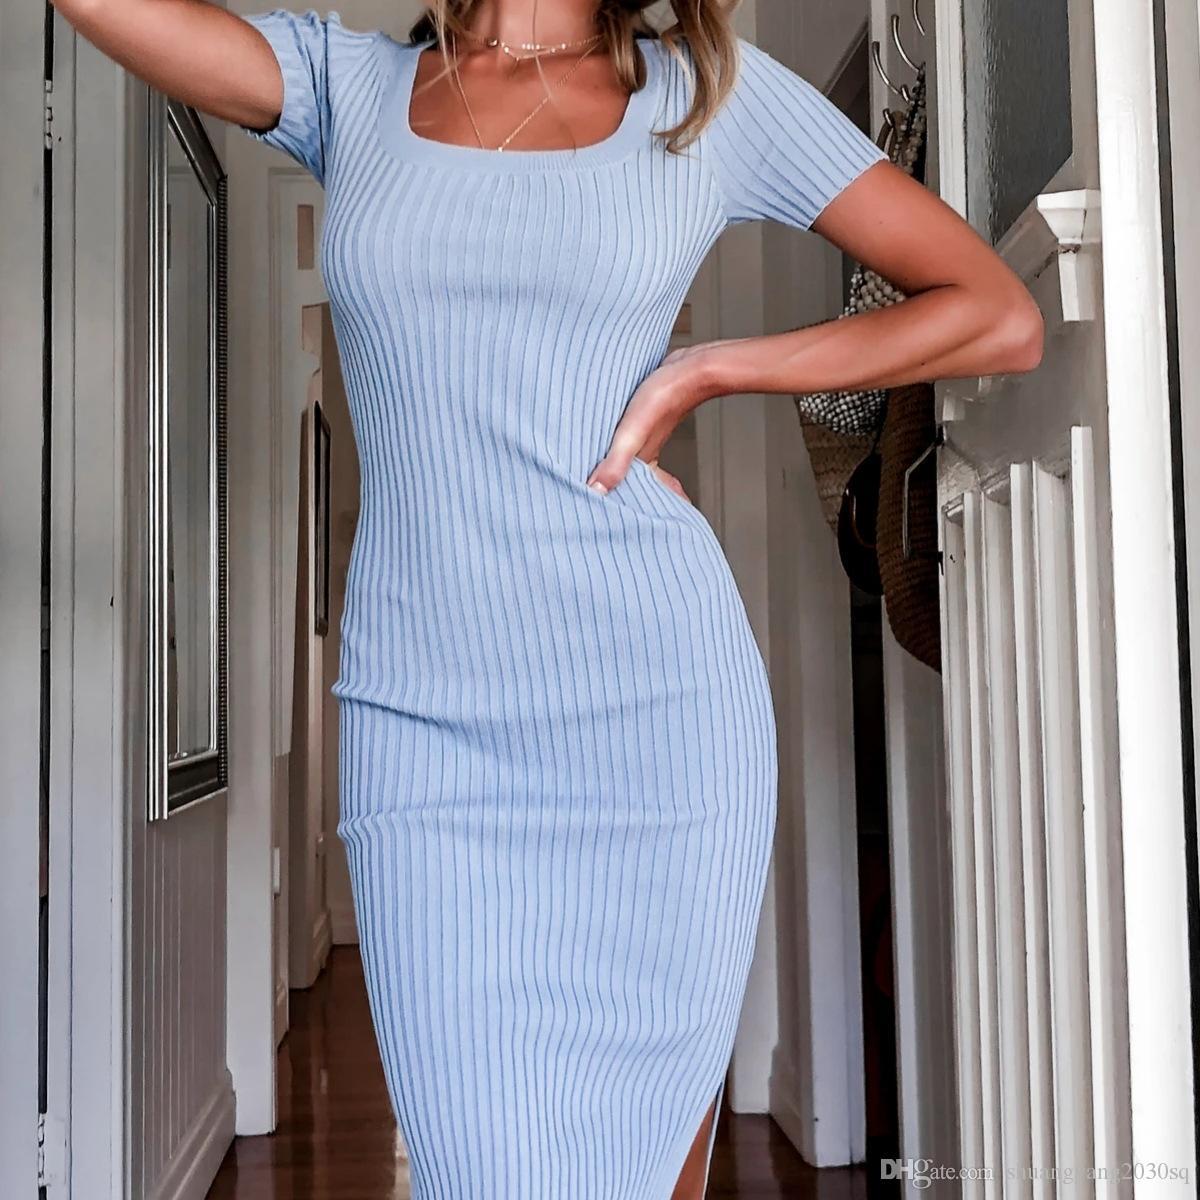 Abiti casual da donna Europa e Stati Uniti Primavera e Estate New Women's Moda Donna Casual Solid Color Abito irregolare